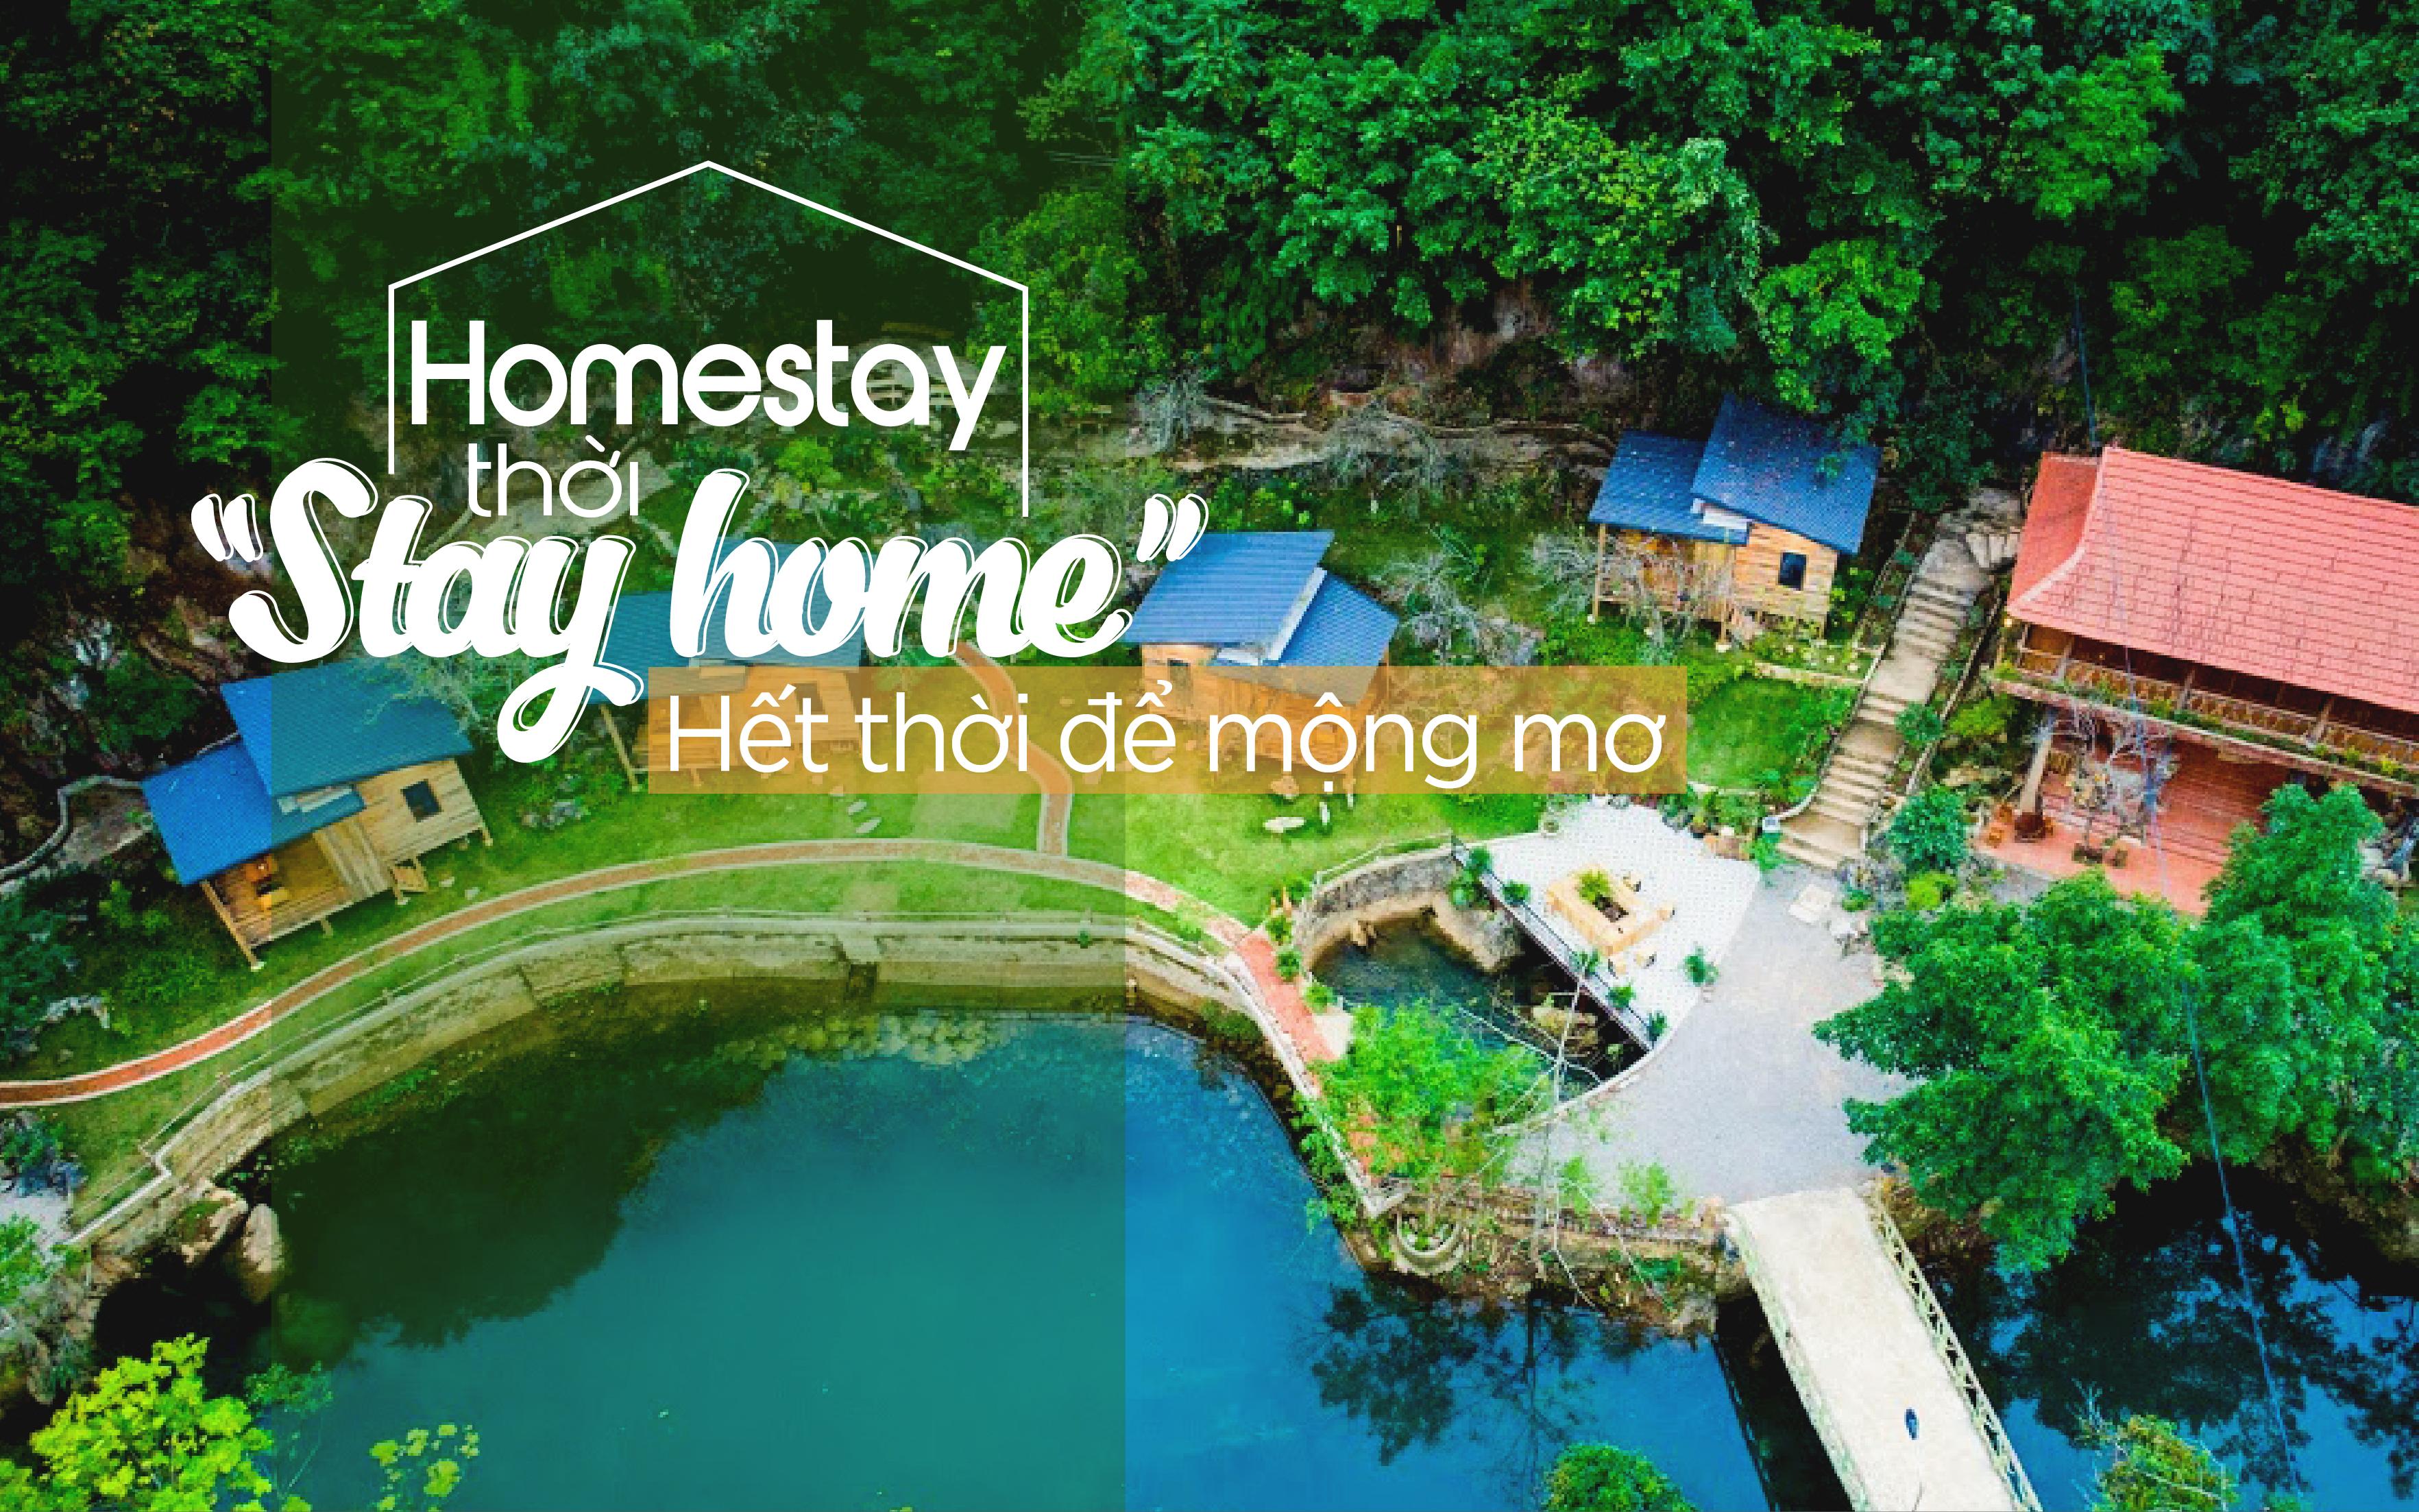 """Homestay thời """"Stay home"""" - Hết thời để mộng mơ"""